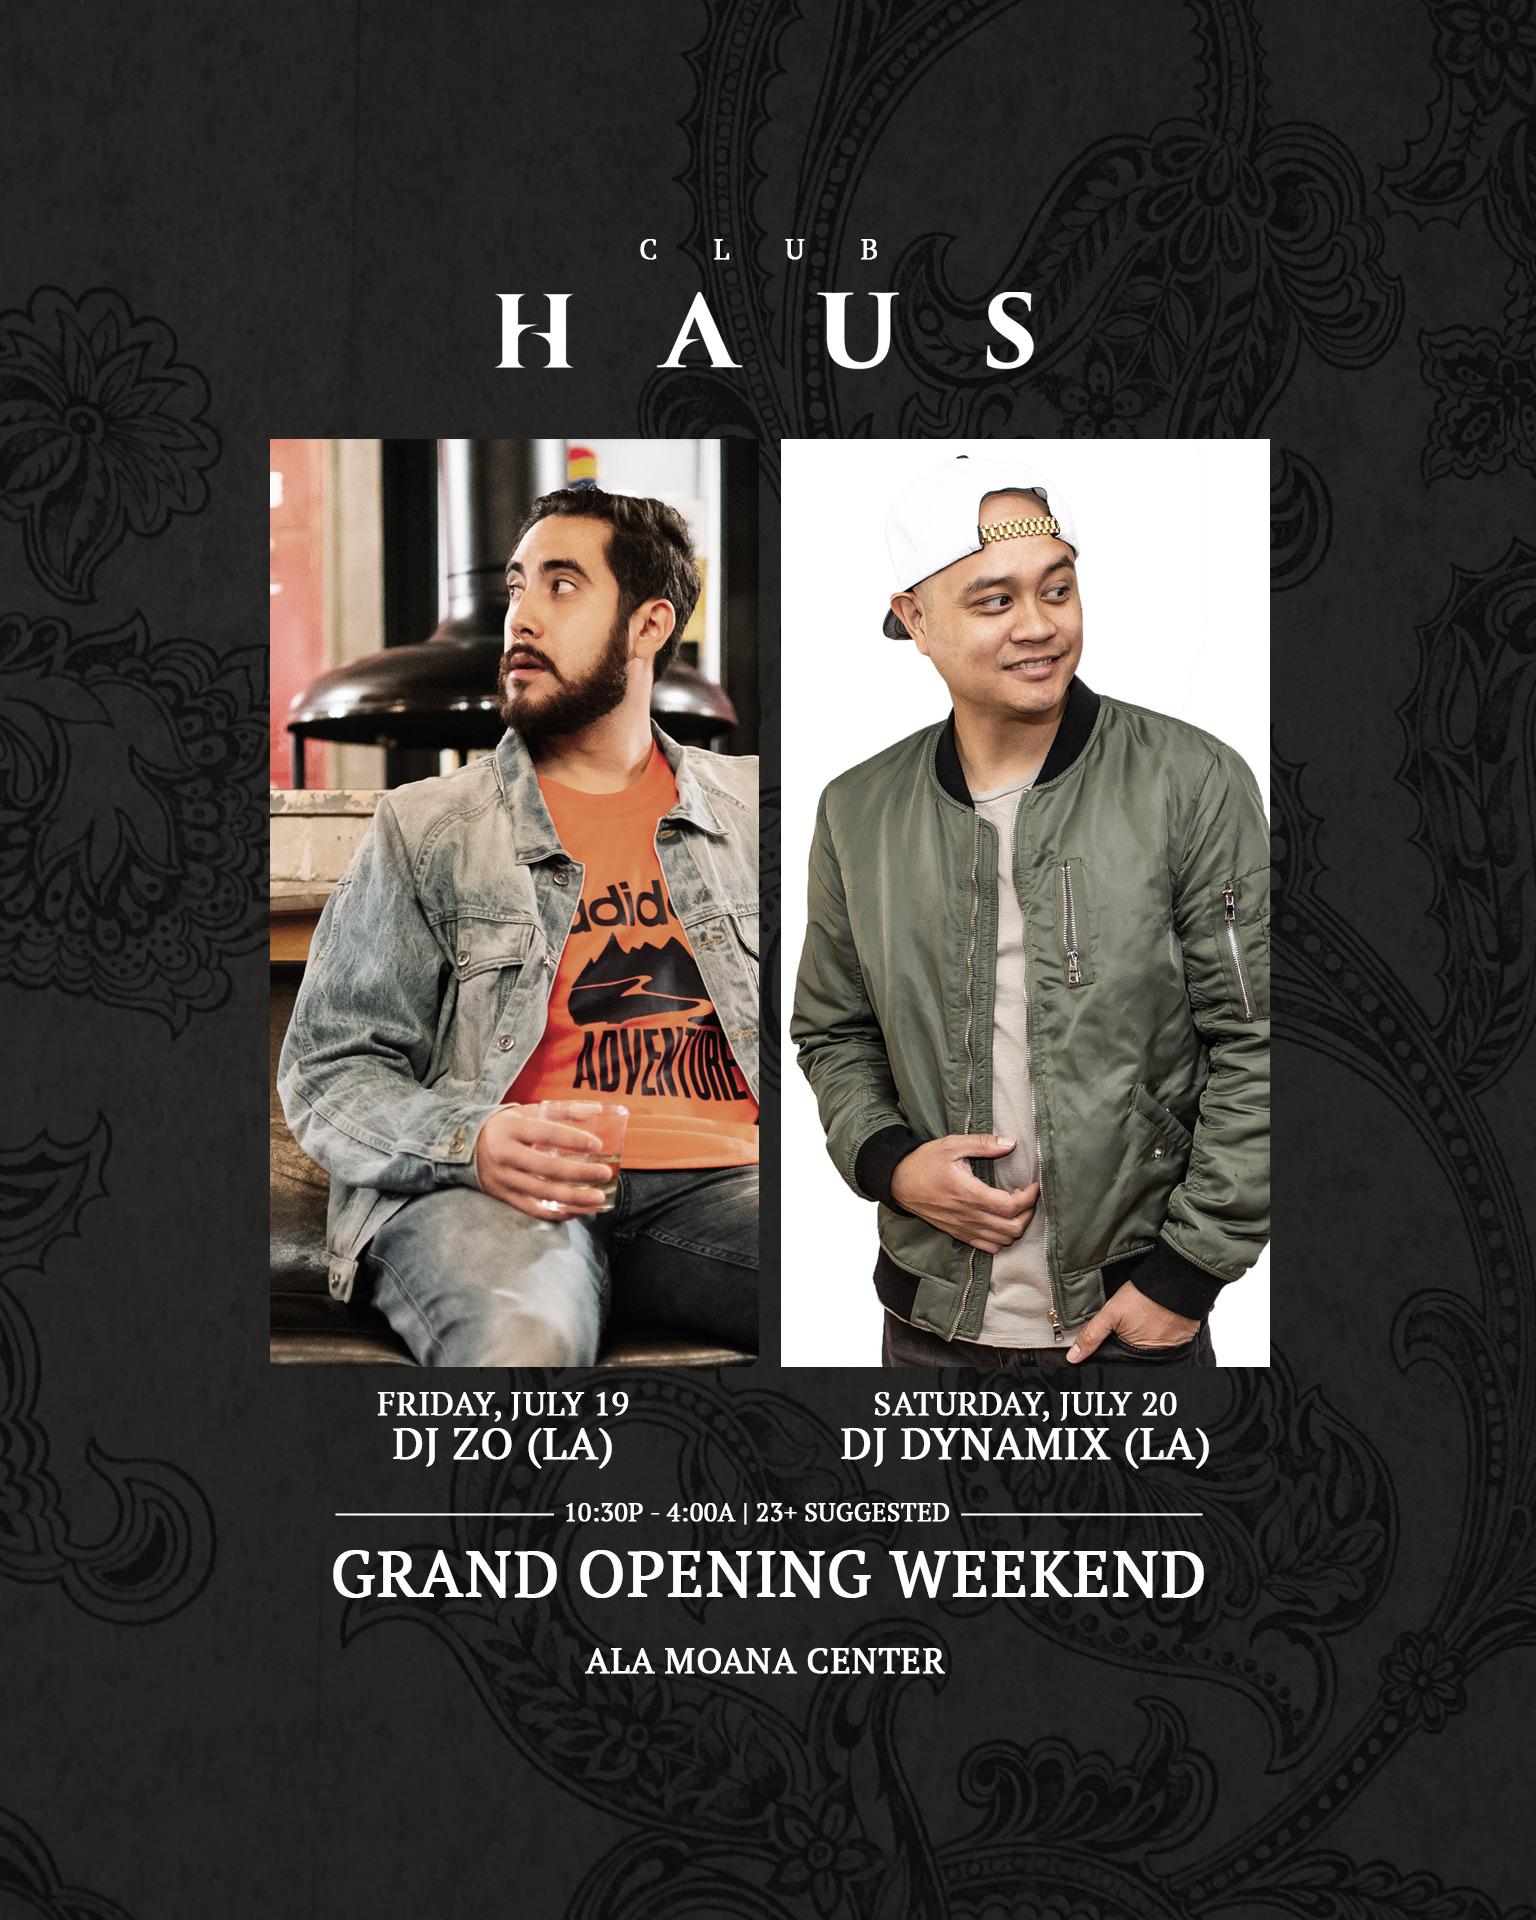 haus-grand-opening-weekend-djs.jpg